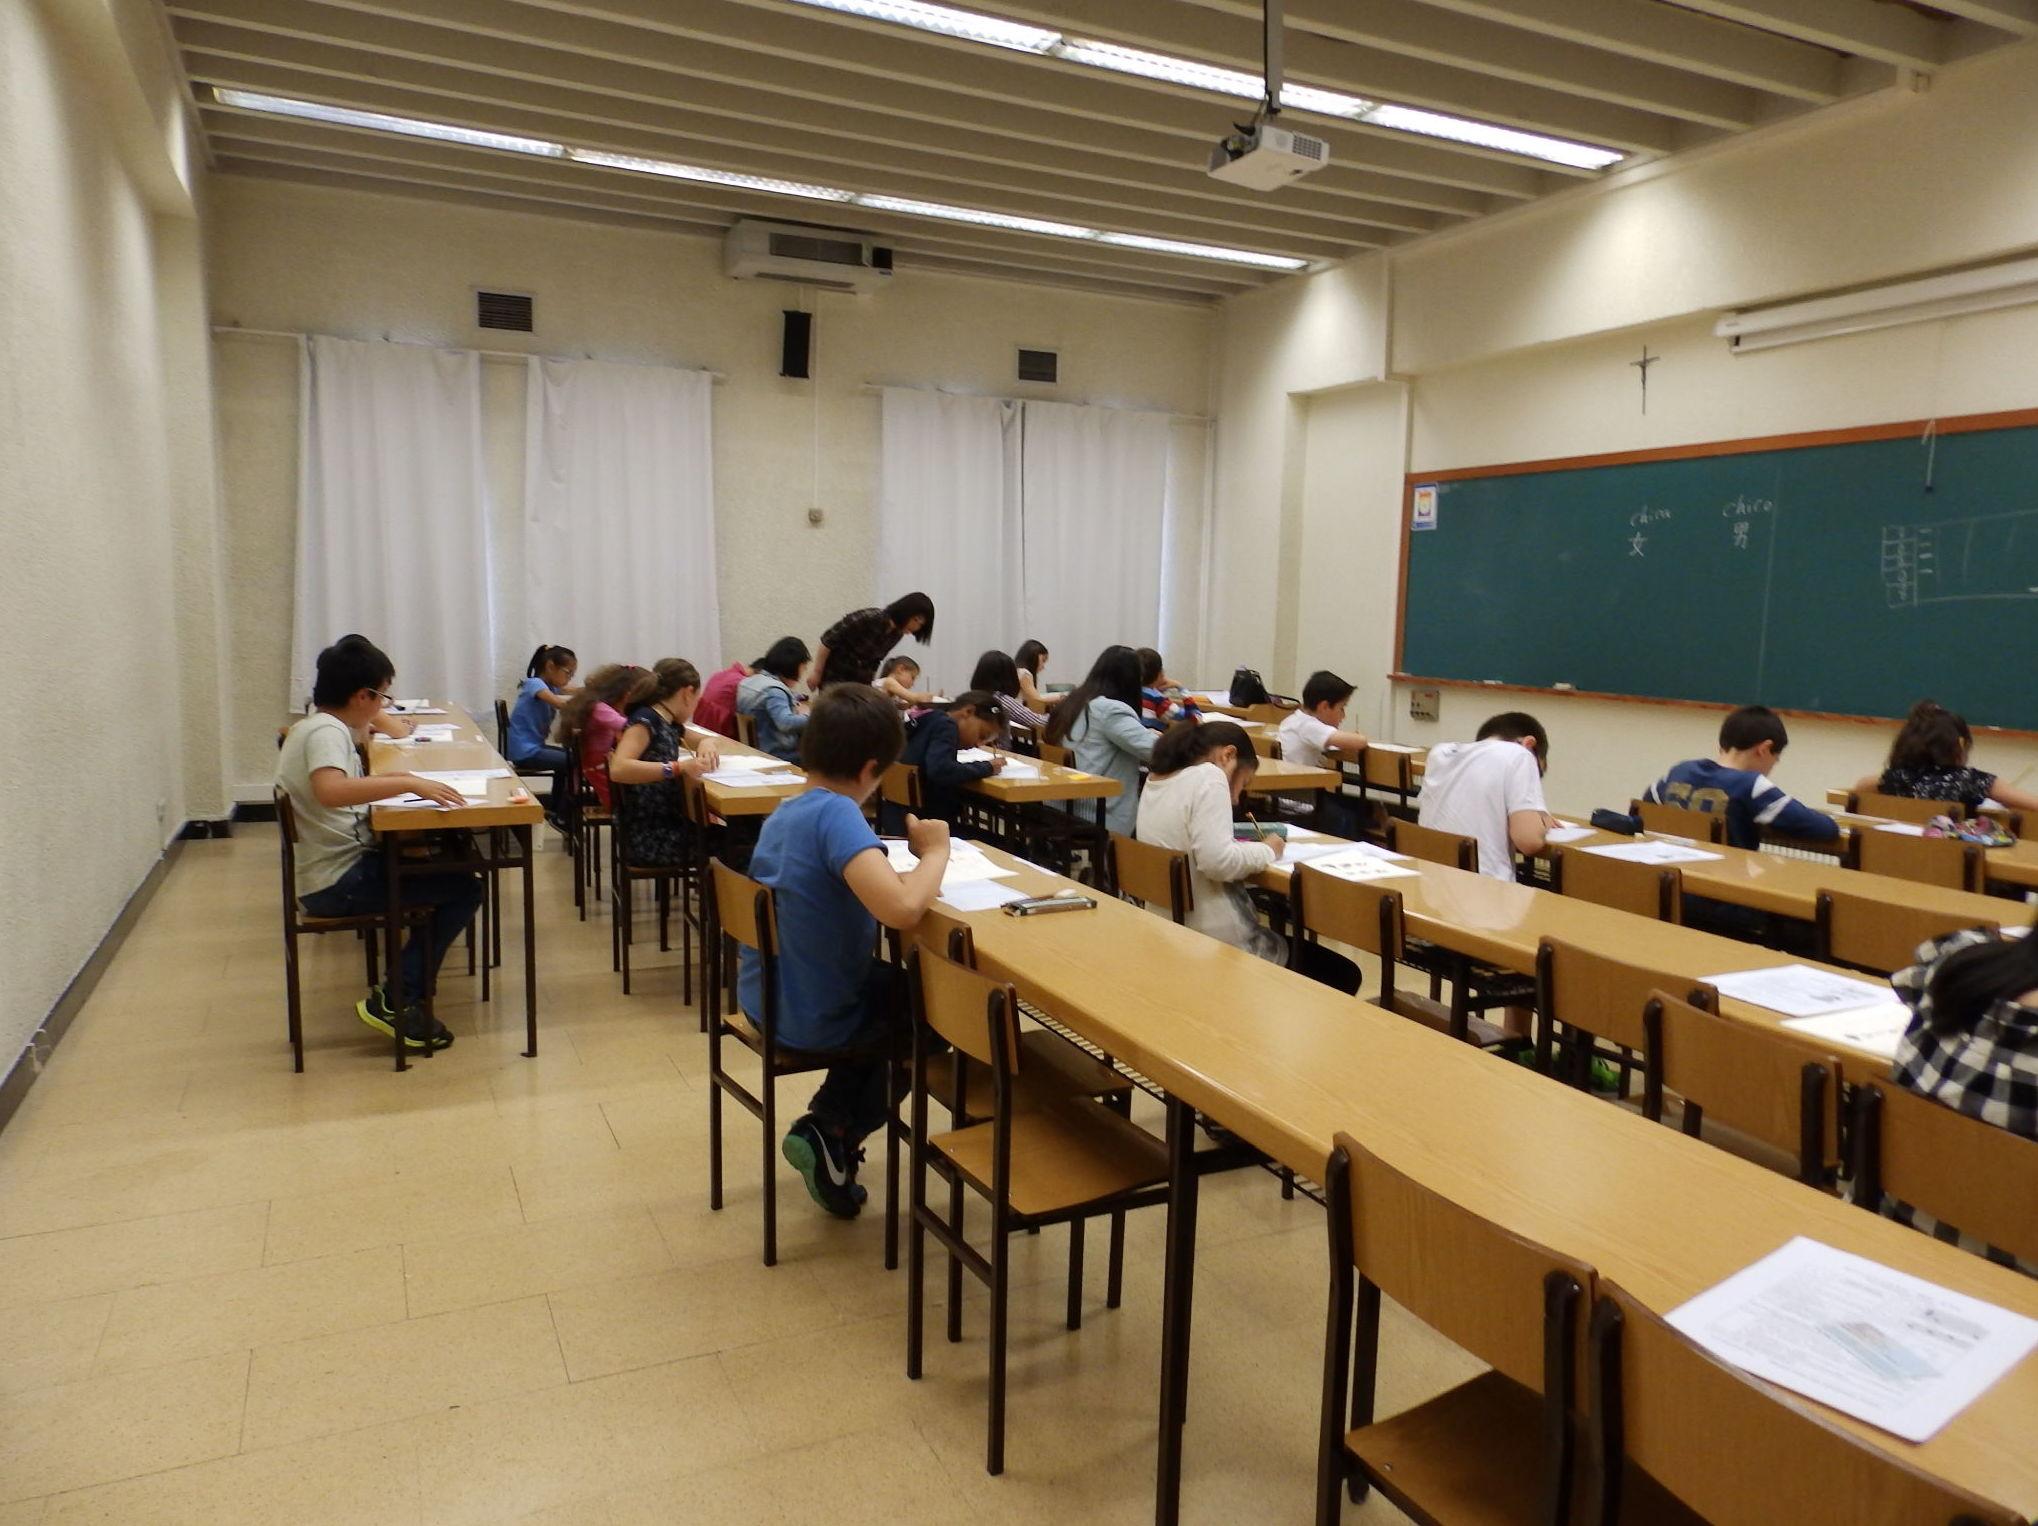 Foto 138 de Academia en Barakaldo   Academia de chino Barakaldo